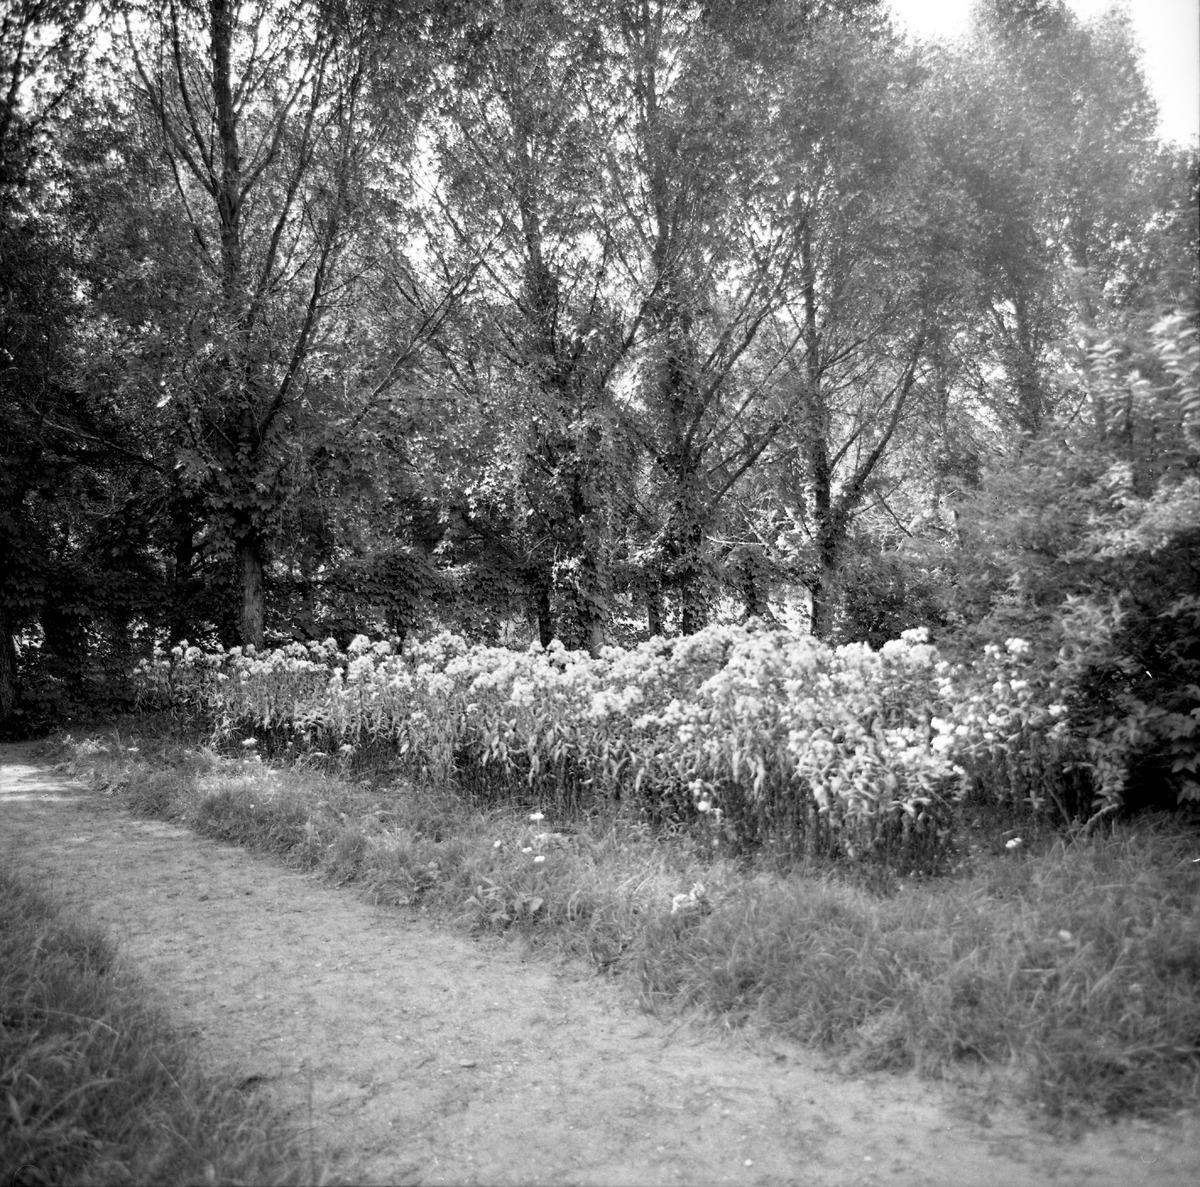 Cmentarz wojenny żołnierzy radzieckich [9]